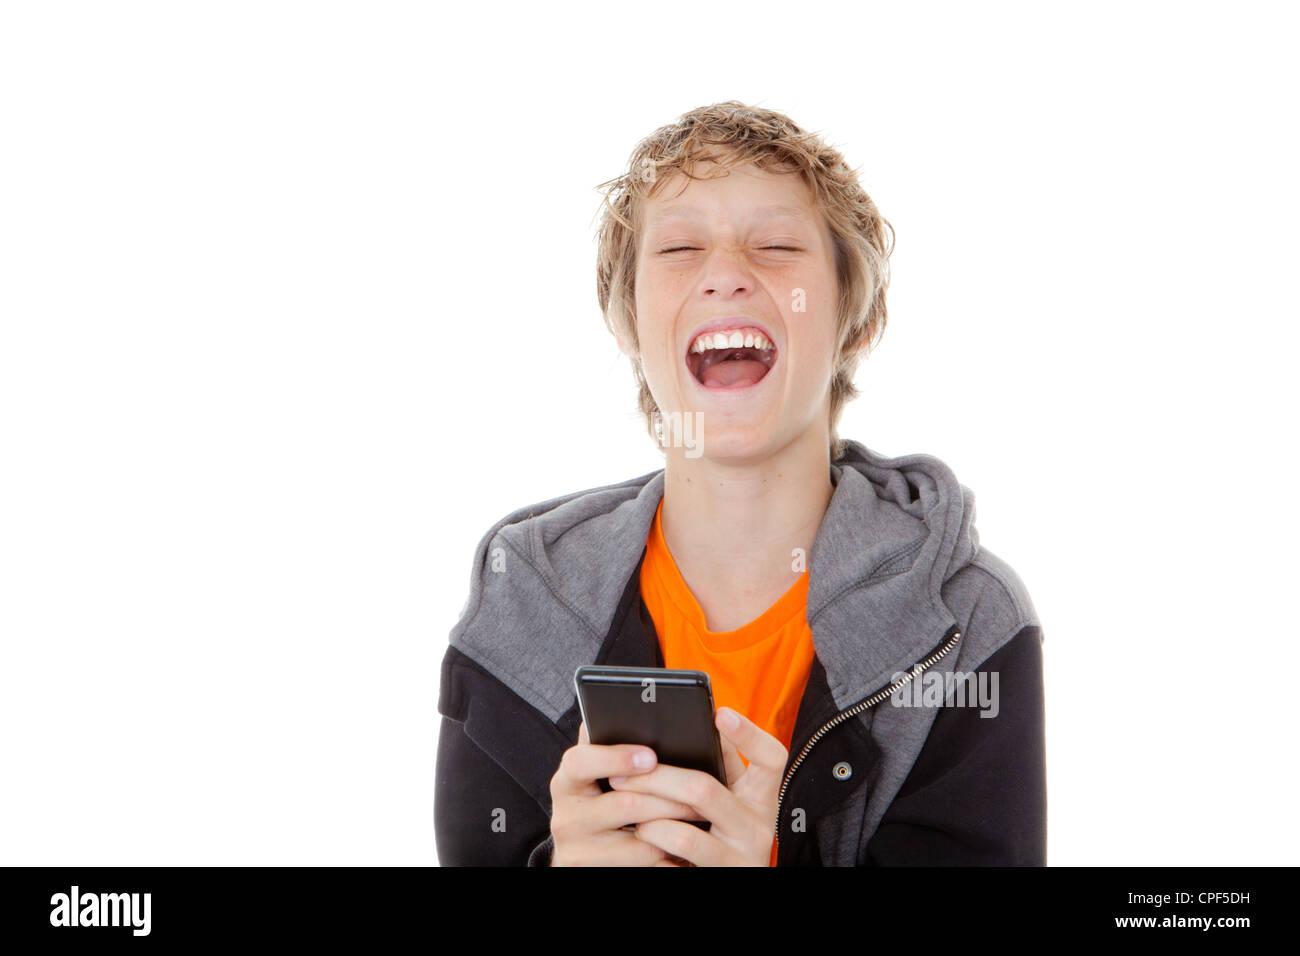 Rire de l'enfant lit un message sur téléphone cellulaire ou mobile Photo Stock